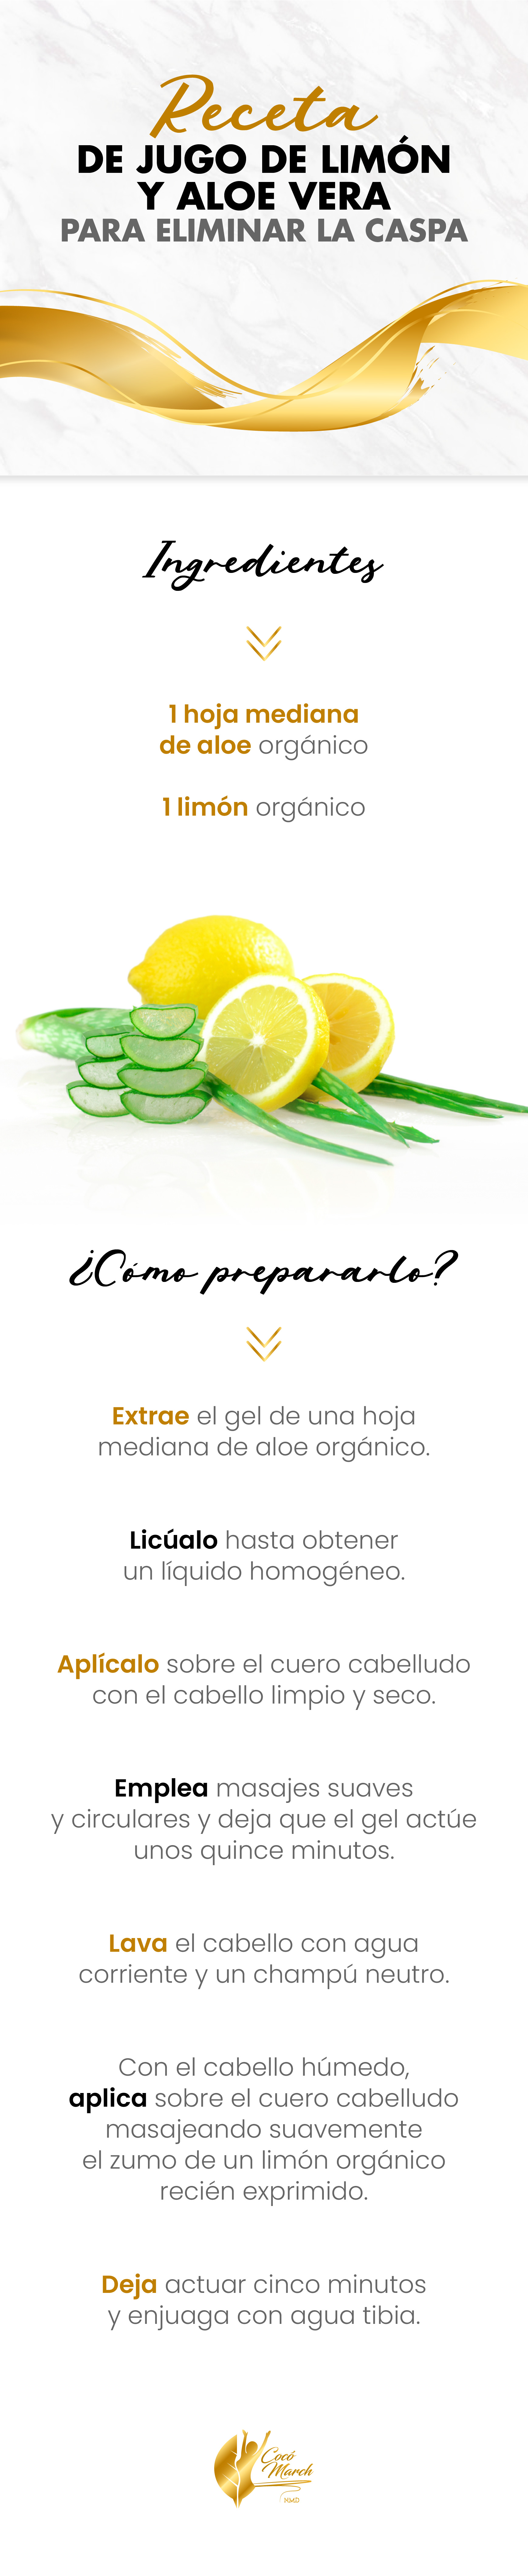 receta-de-jugo-de-limon-y-aloe-vera